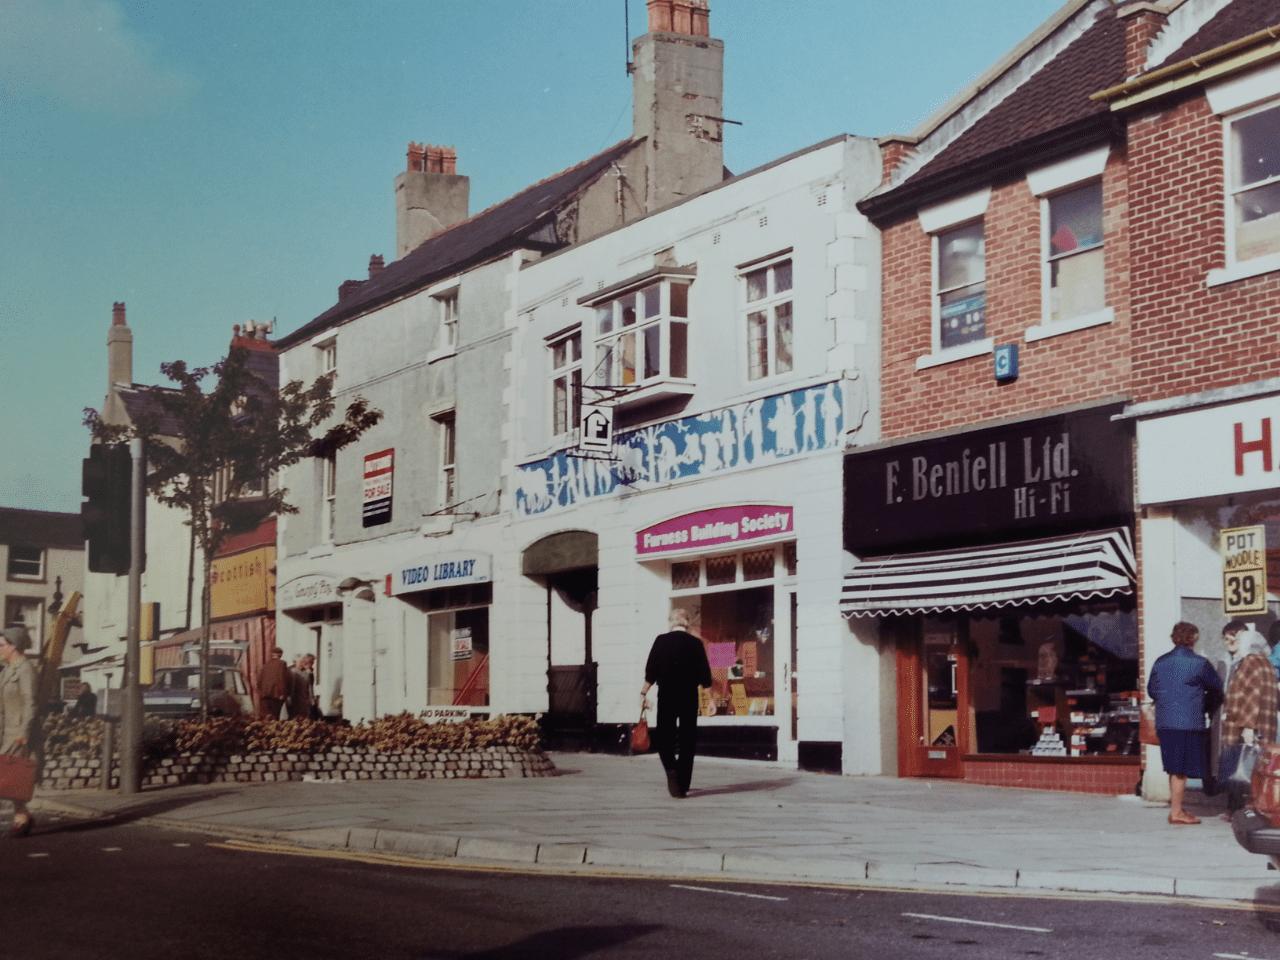 Poulton Town Centre. Old Photos of Poulton-le-Fylde - mid 1900's